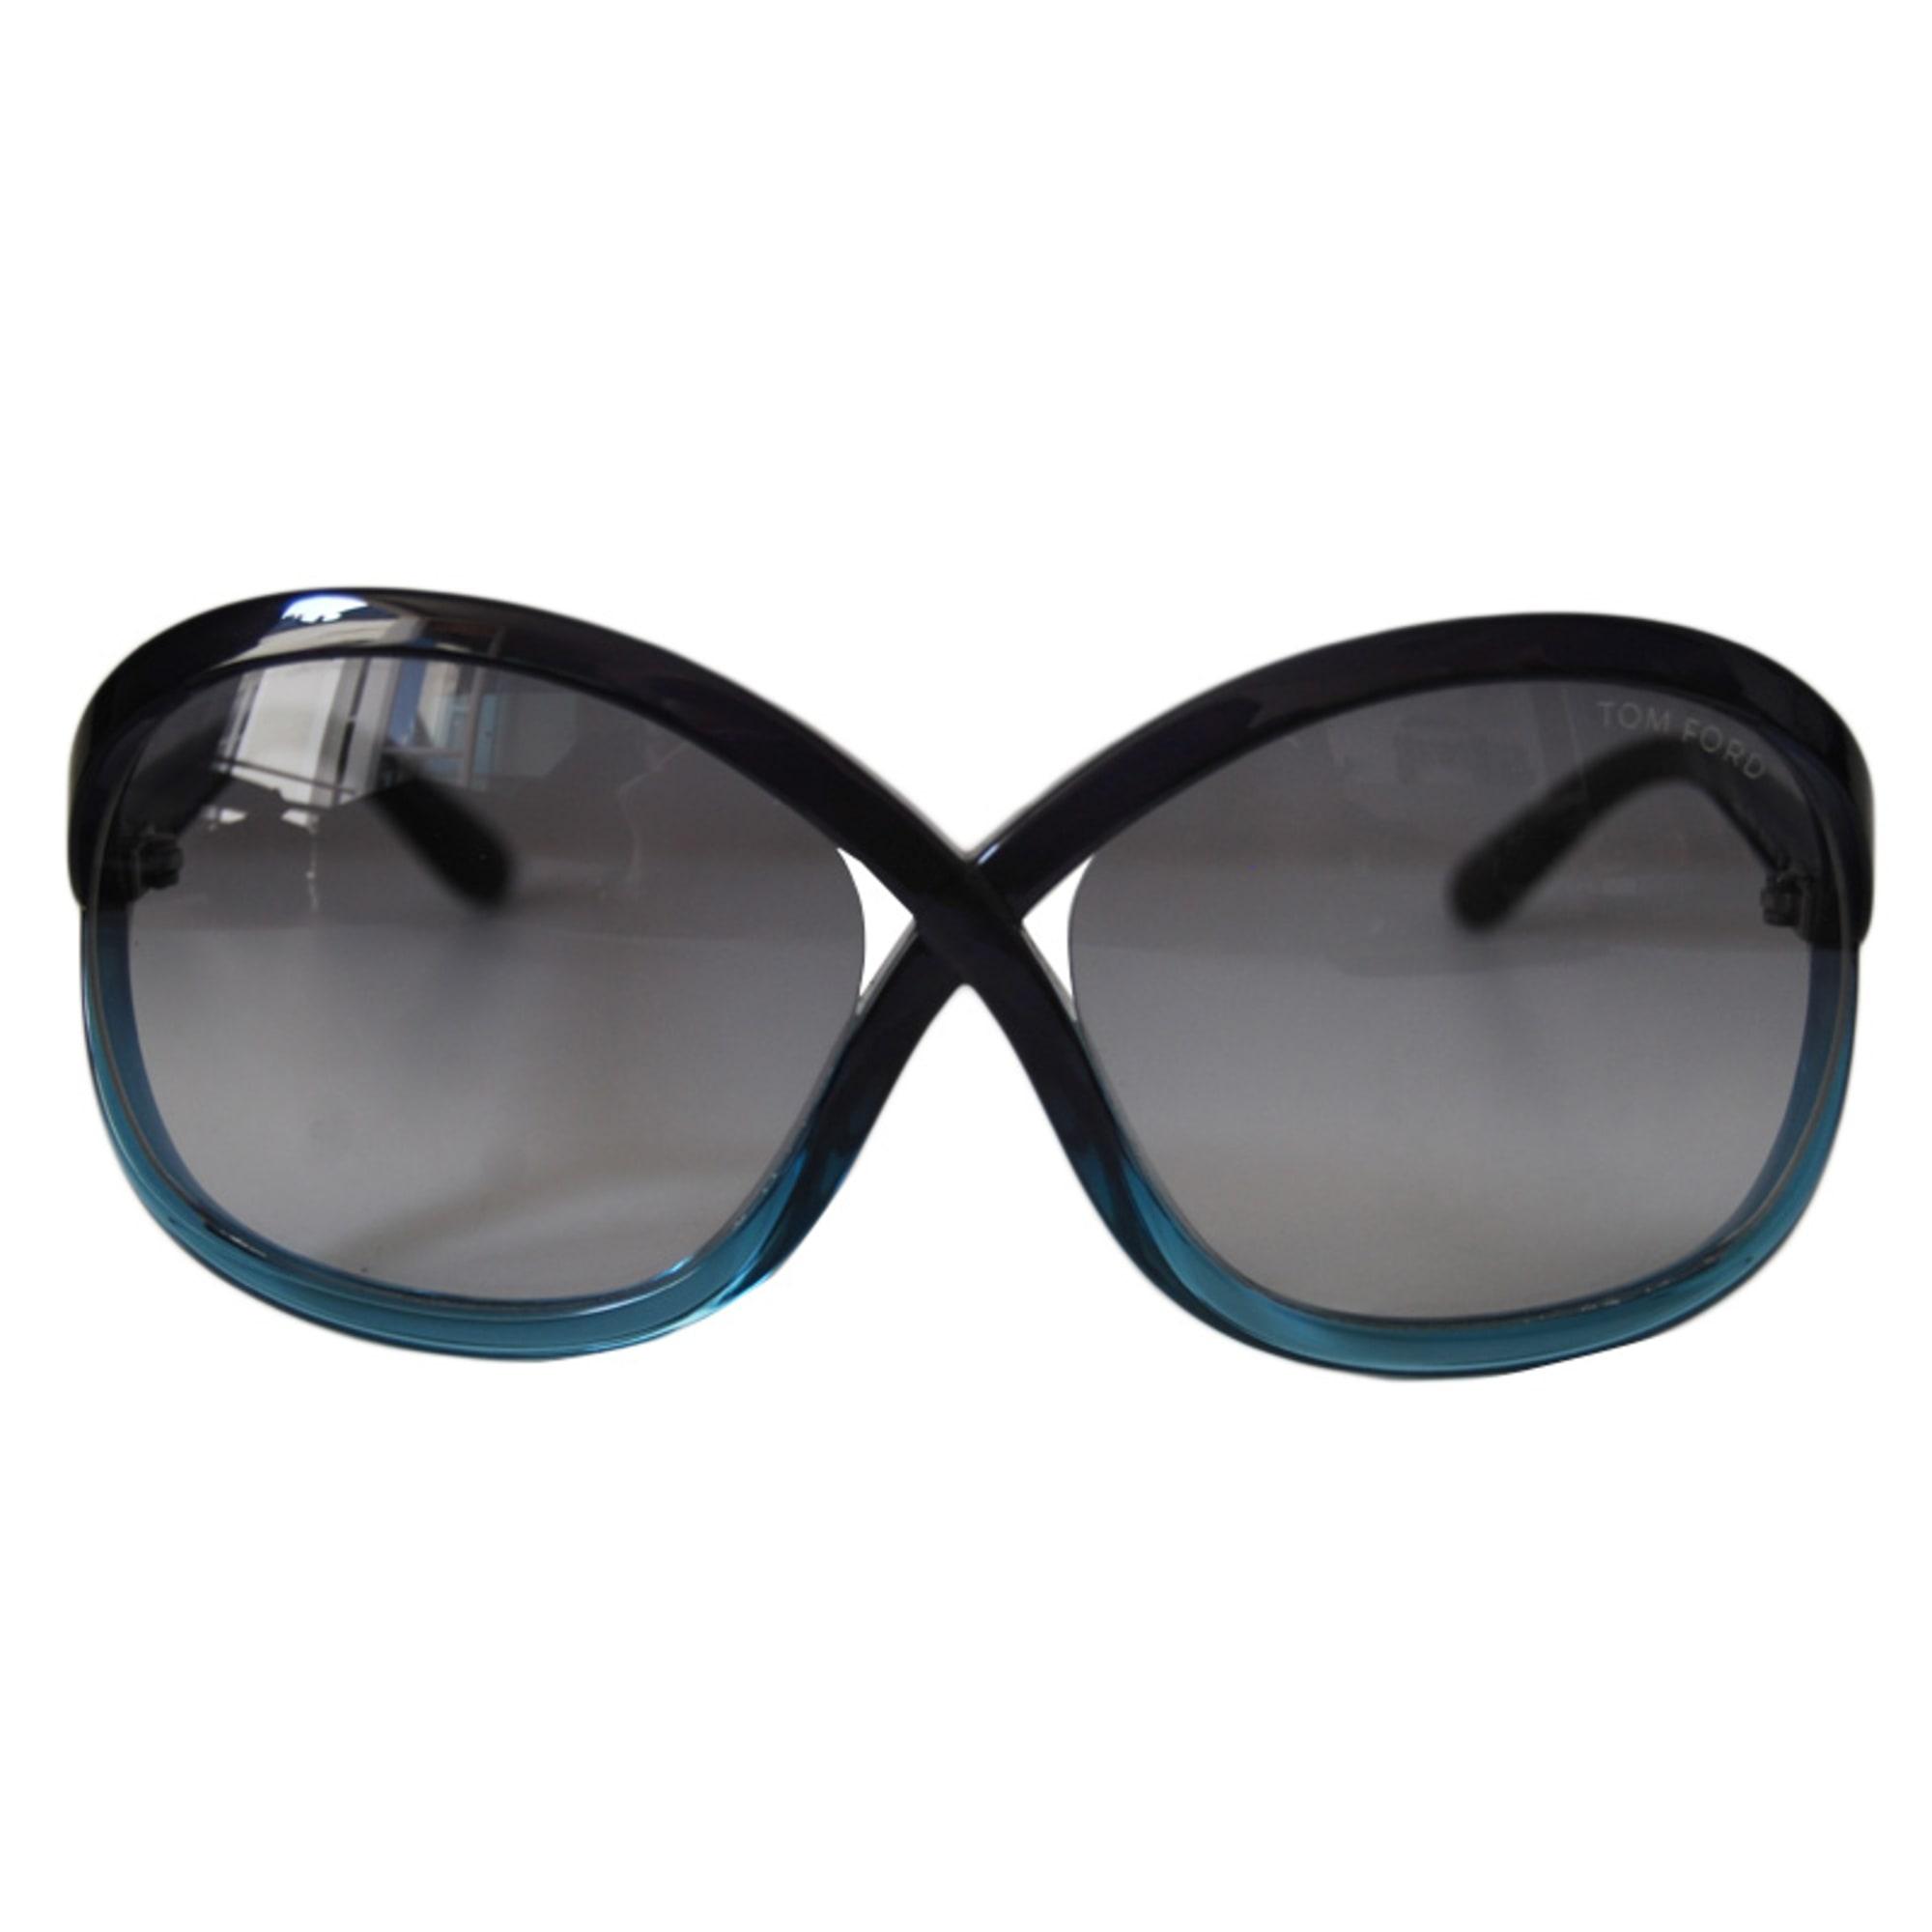 ... Lunettes de soleil TOM FORD Bleu, bleu marine, bleu turquoise ... 4533658baf45